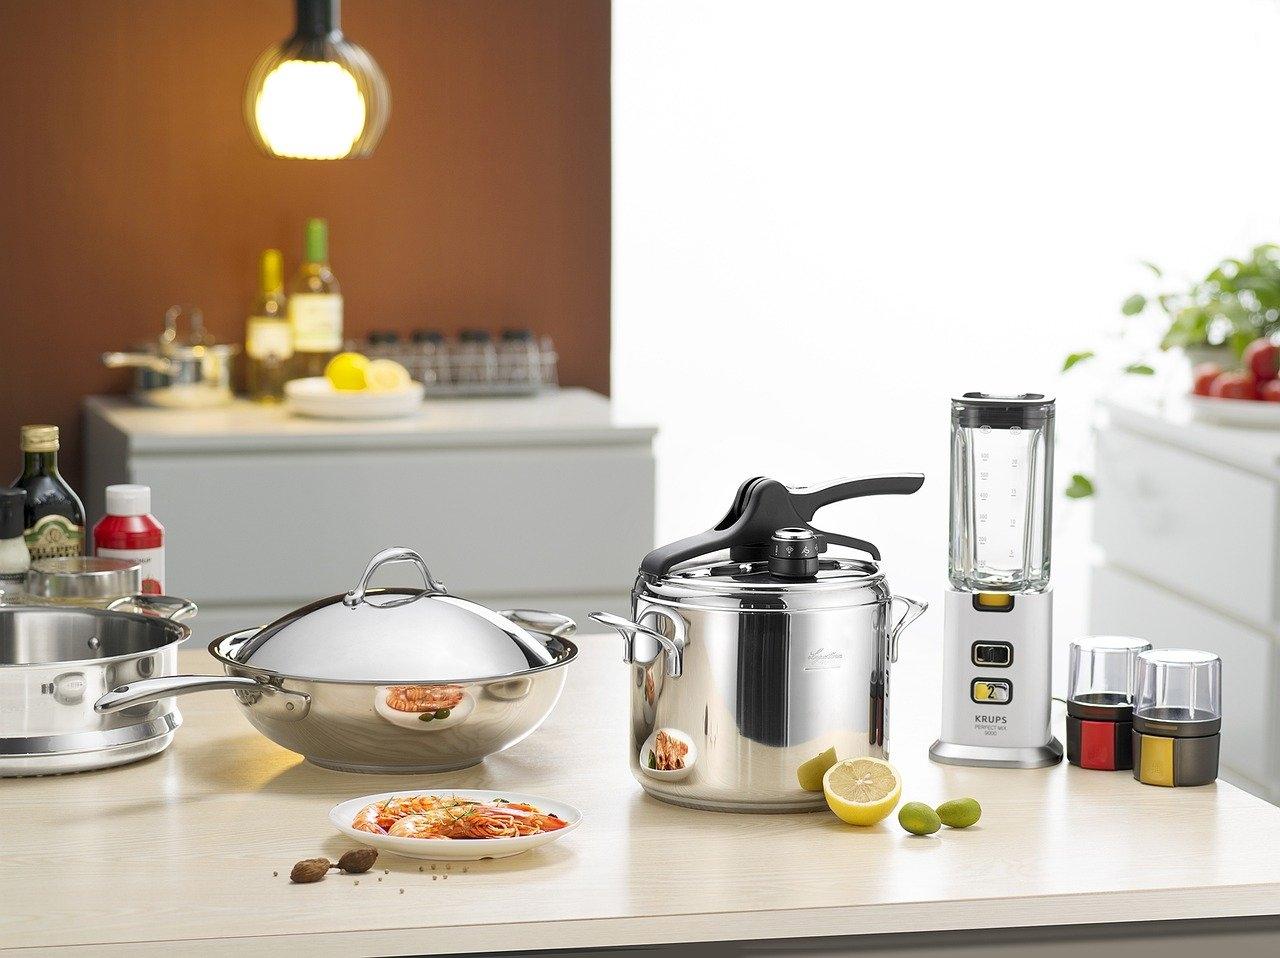 Baterías de cocina (@bateriasdecocinas) Cover Image